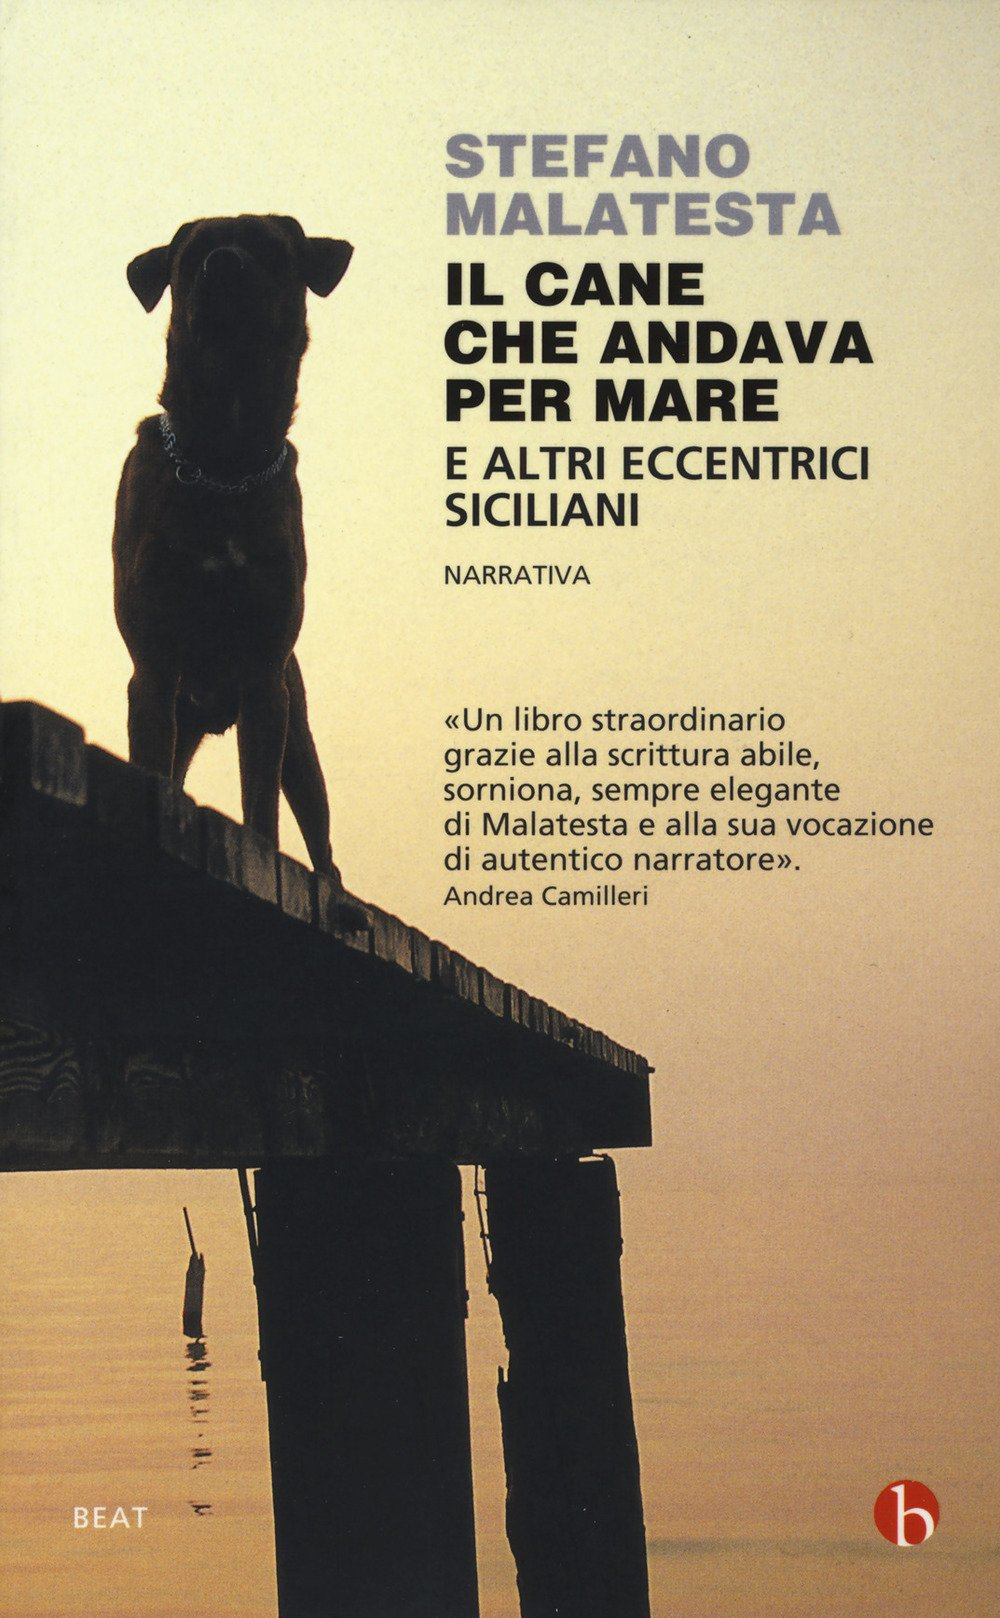 Il cane che andava per mare: e altri eccentrici siciliani